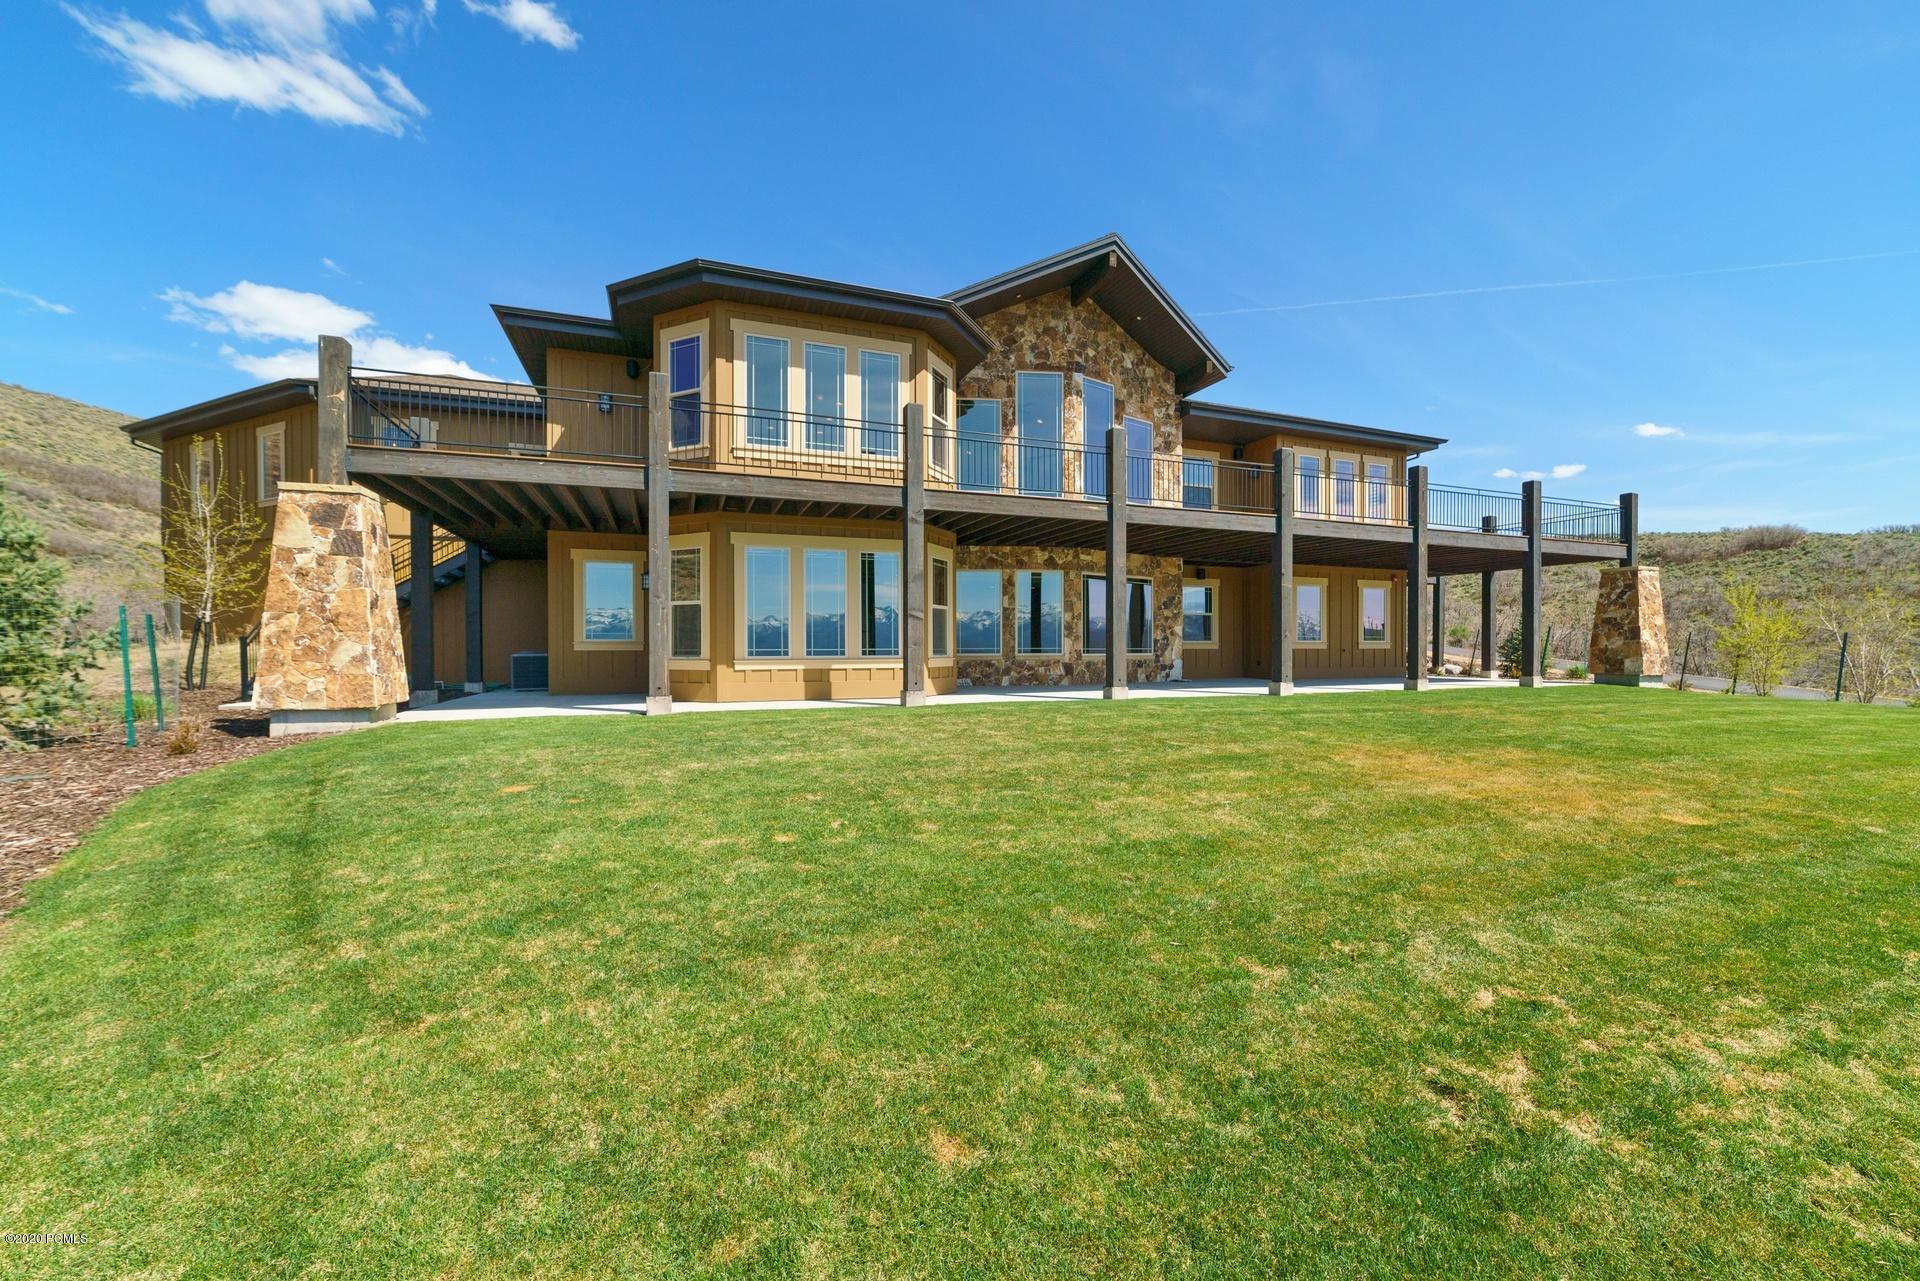 190 Greener Hills Lane, Heber City, Utah 84032, 6 Bedrooms Bedrooms, ,5 BathroomsBathrooms,Single Family,For Sale,Greener Hills,12001260